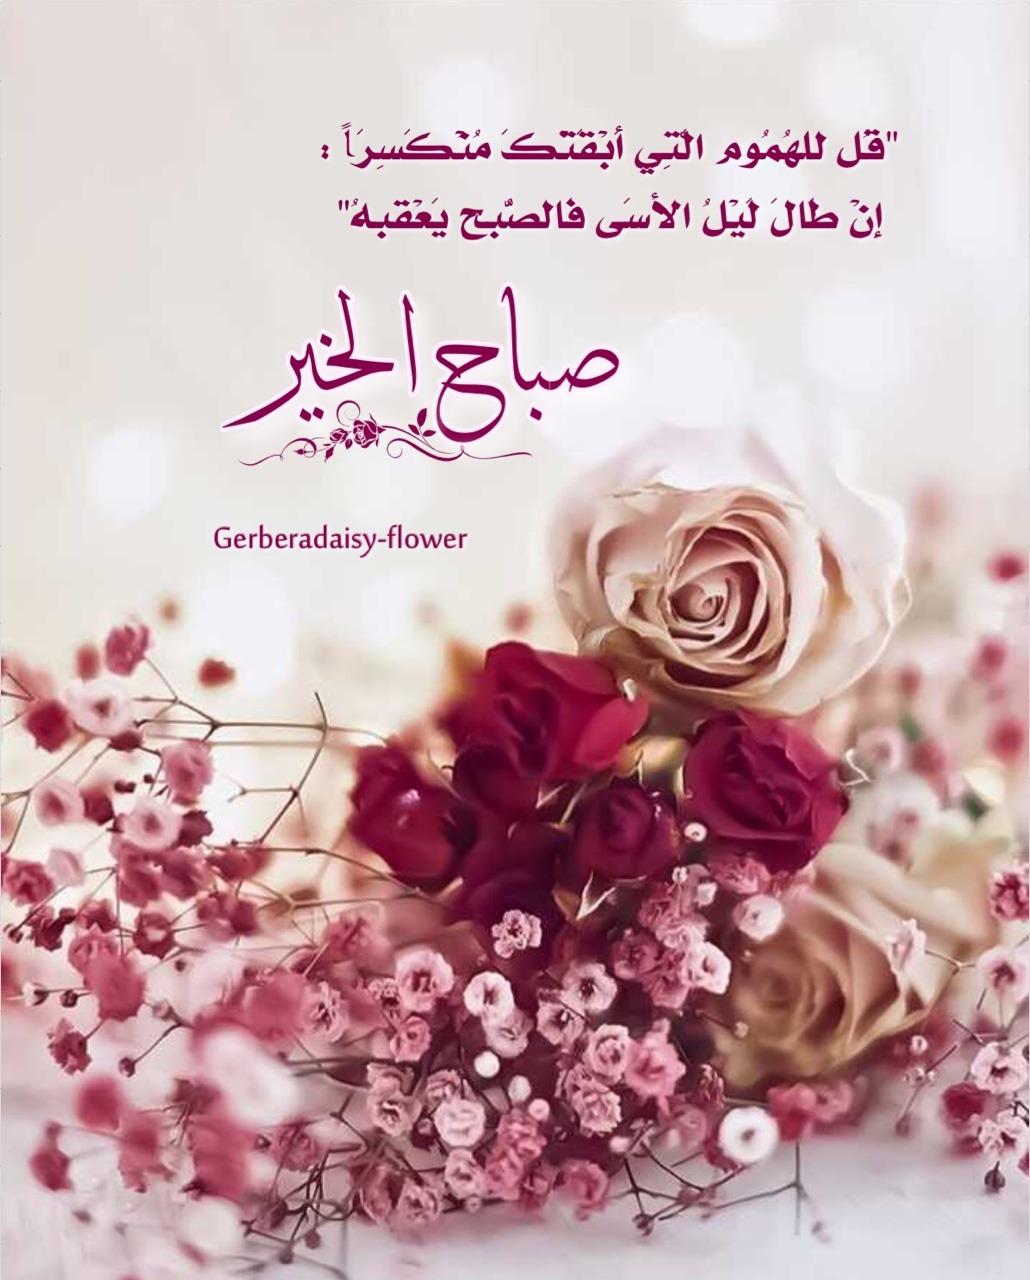 بالصور اجمل ماقيل عن الصباح , كلمات روعة لصباح مشرق 5013 11